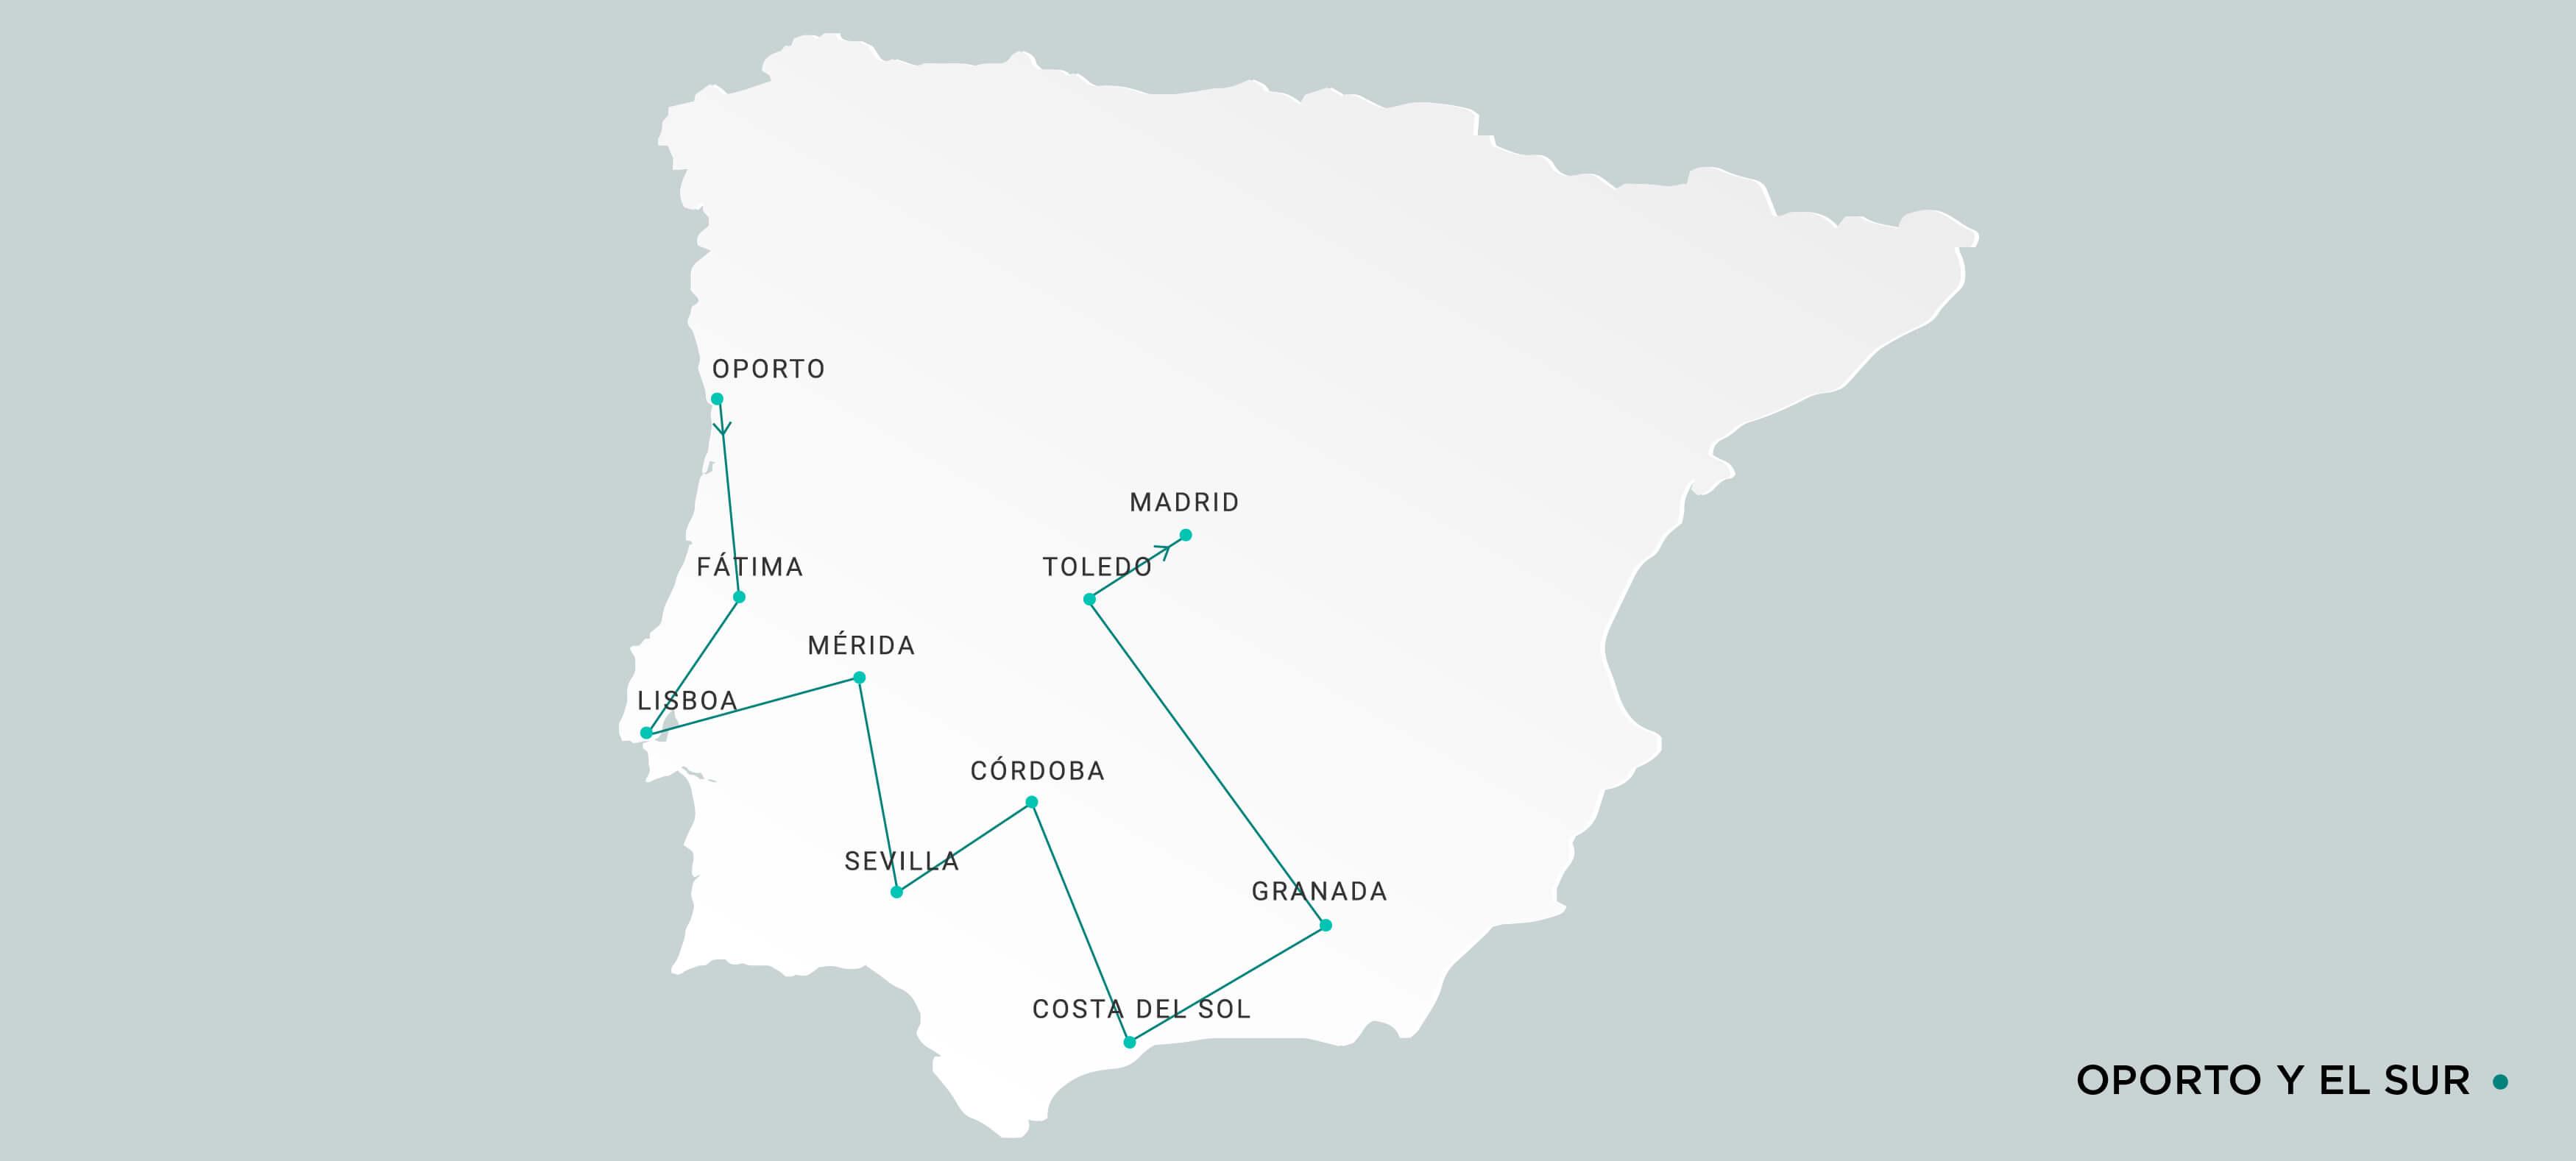 Mapa Oporto y Sur